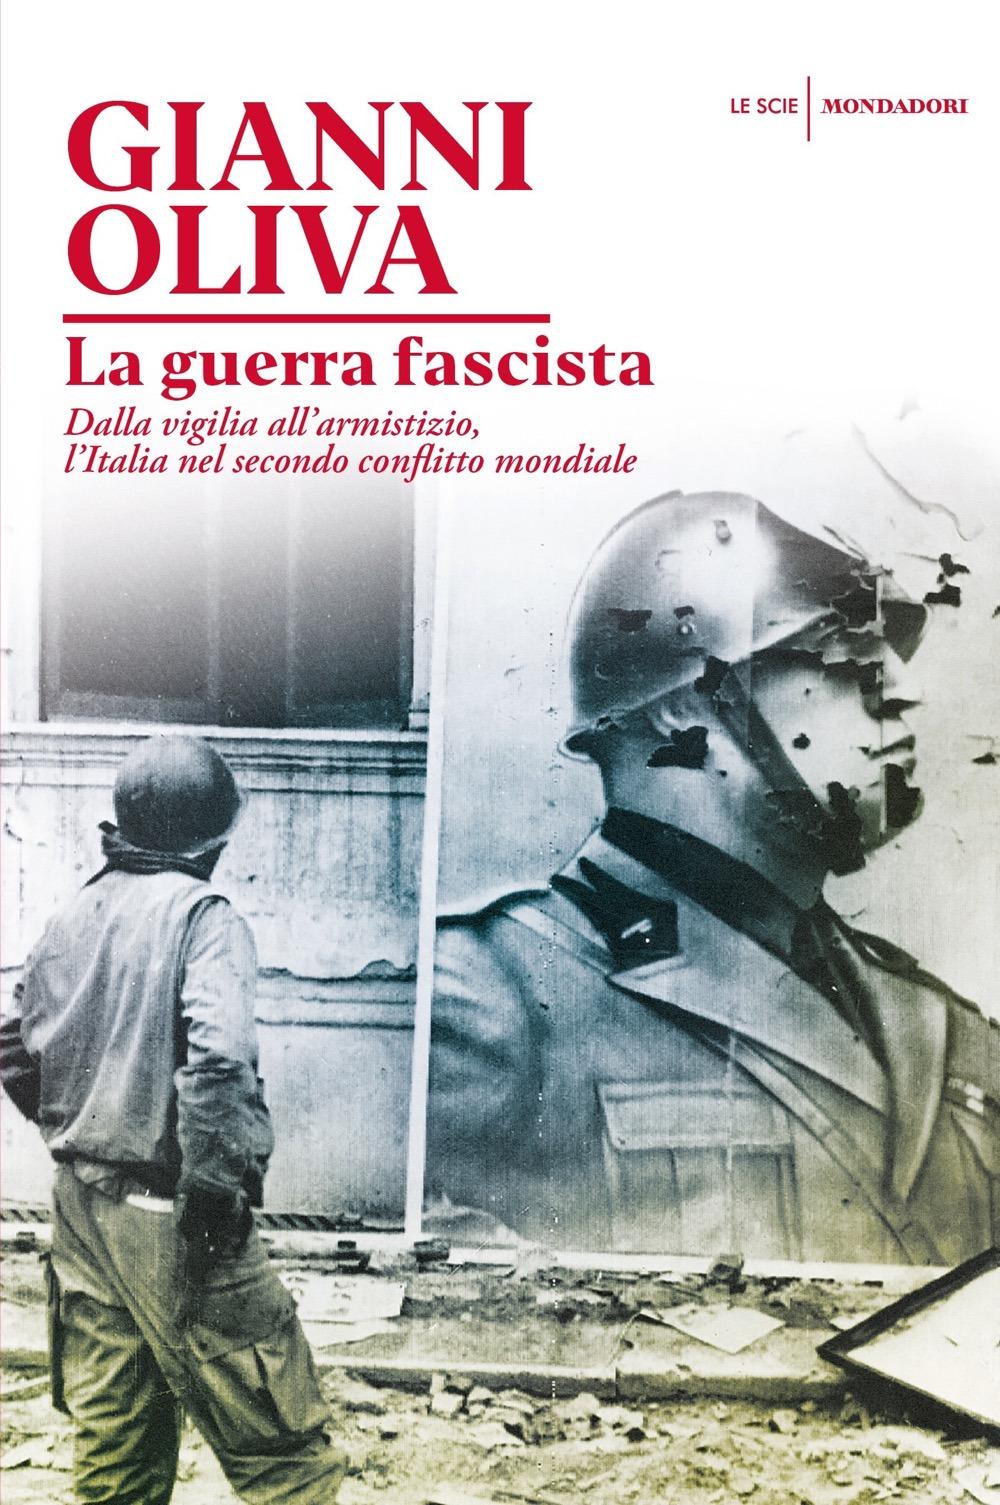 La guerra fascista. Dalla vigilia all'armistizio, l'Italia nel secondo conflitto mondiale